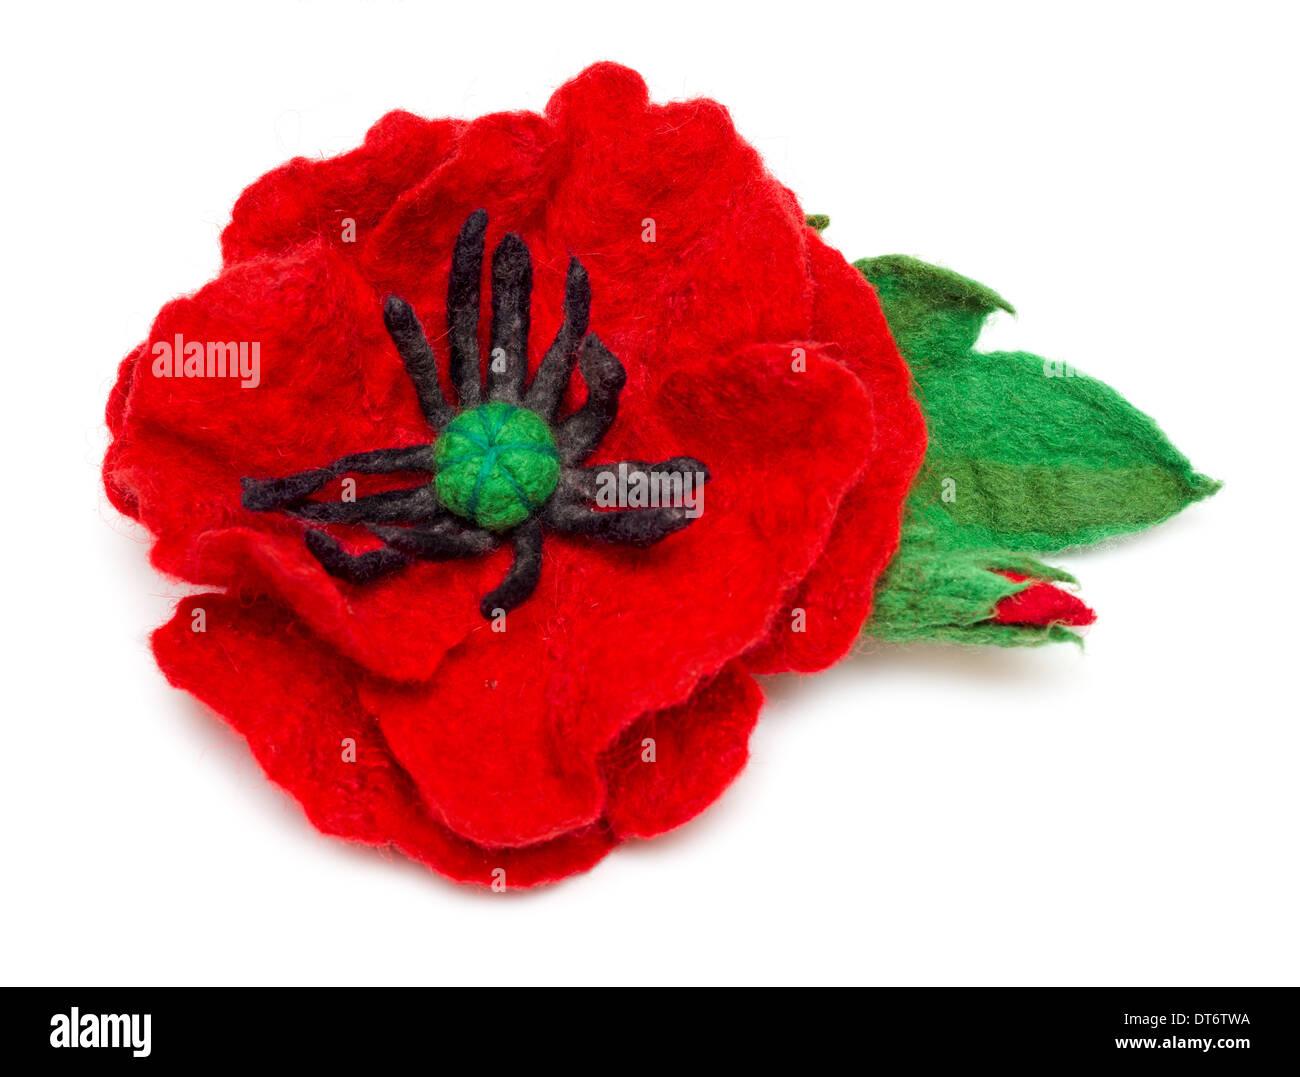 Needle felting poppy with bud and leaf isolated on white background - Stock Image